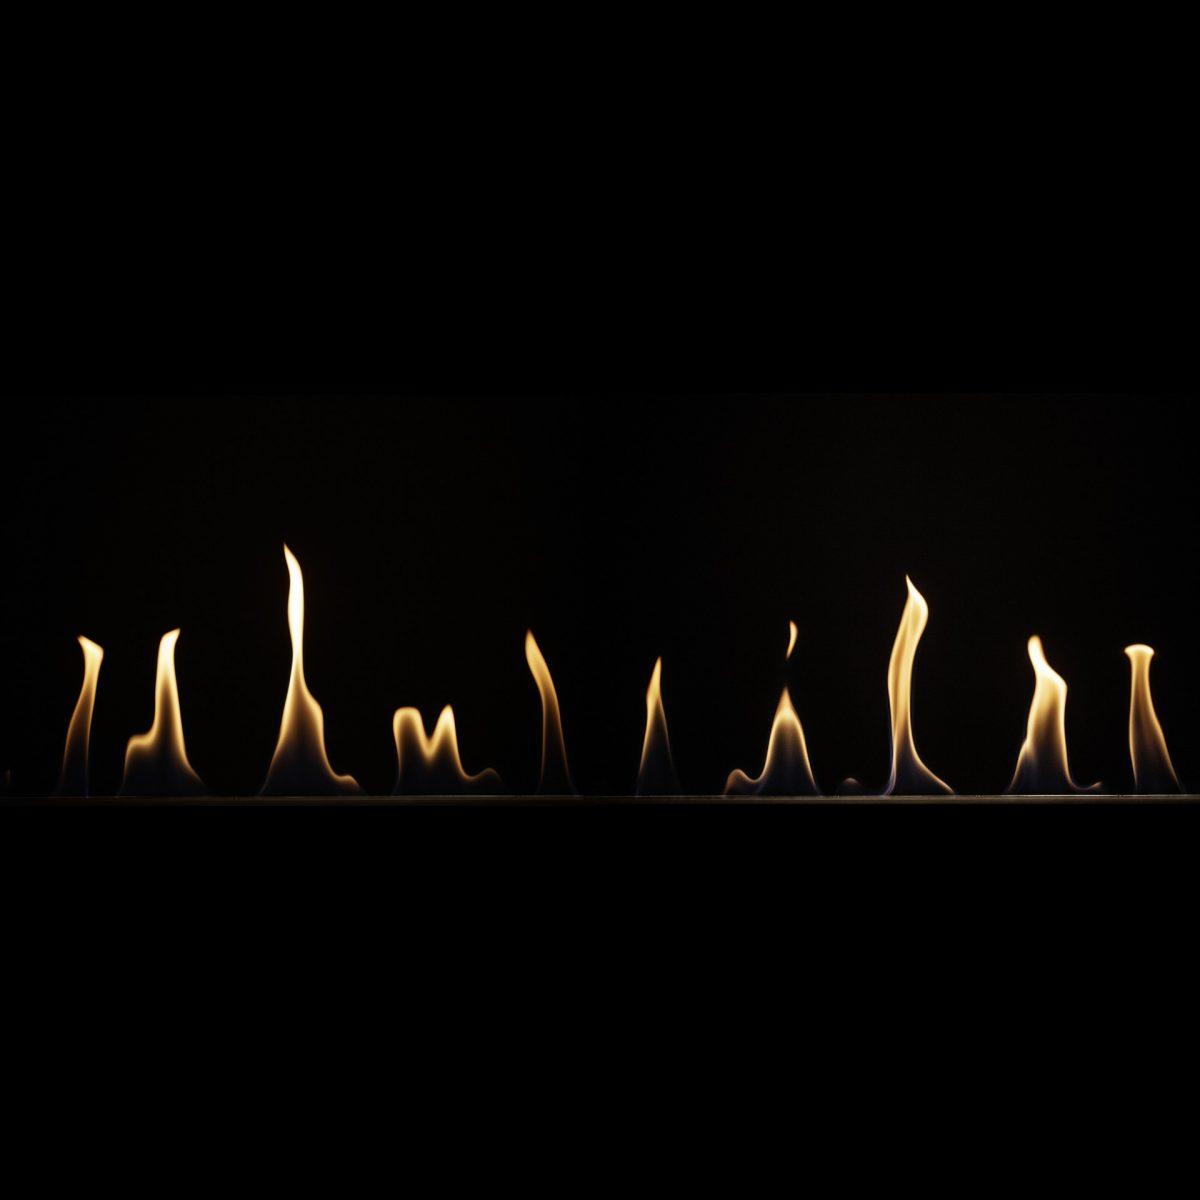 glammfire_flame_evoplus_line_hd_011-1-1920×1920